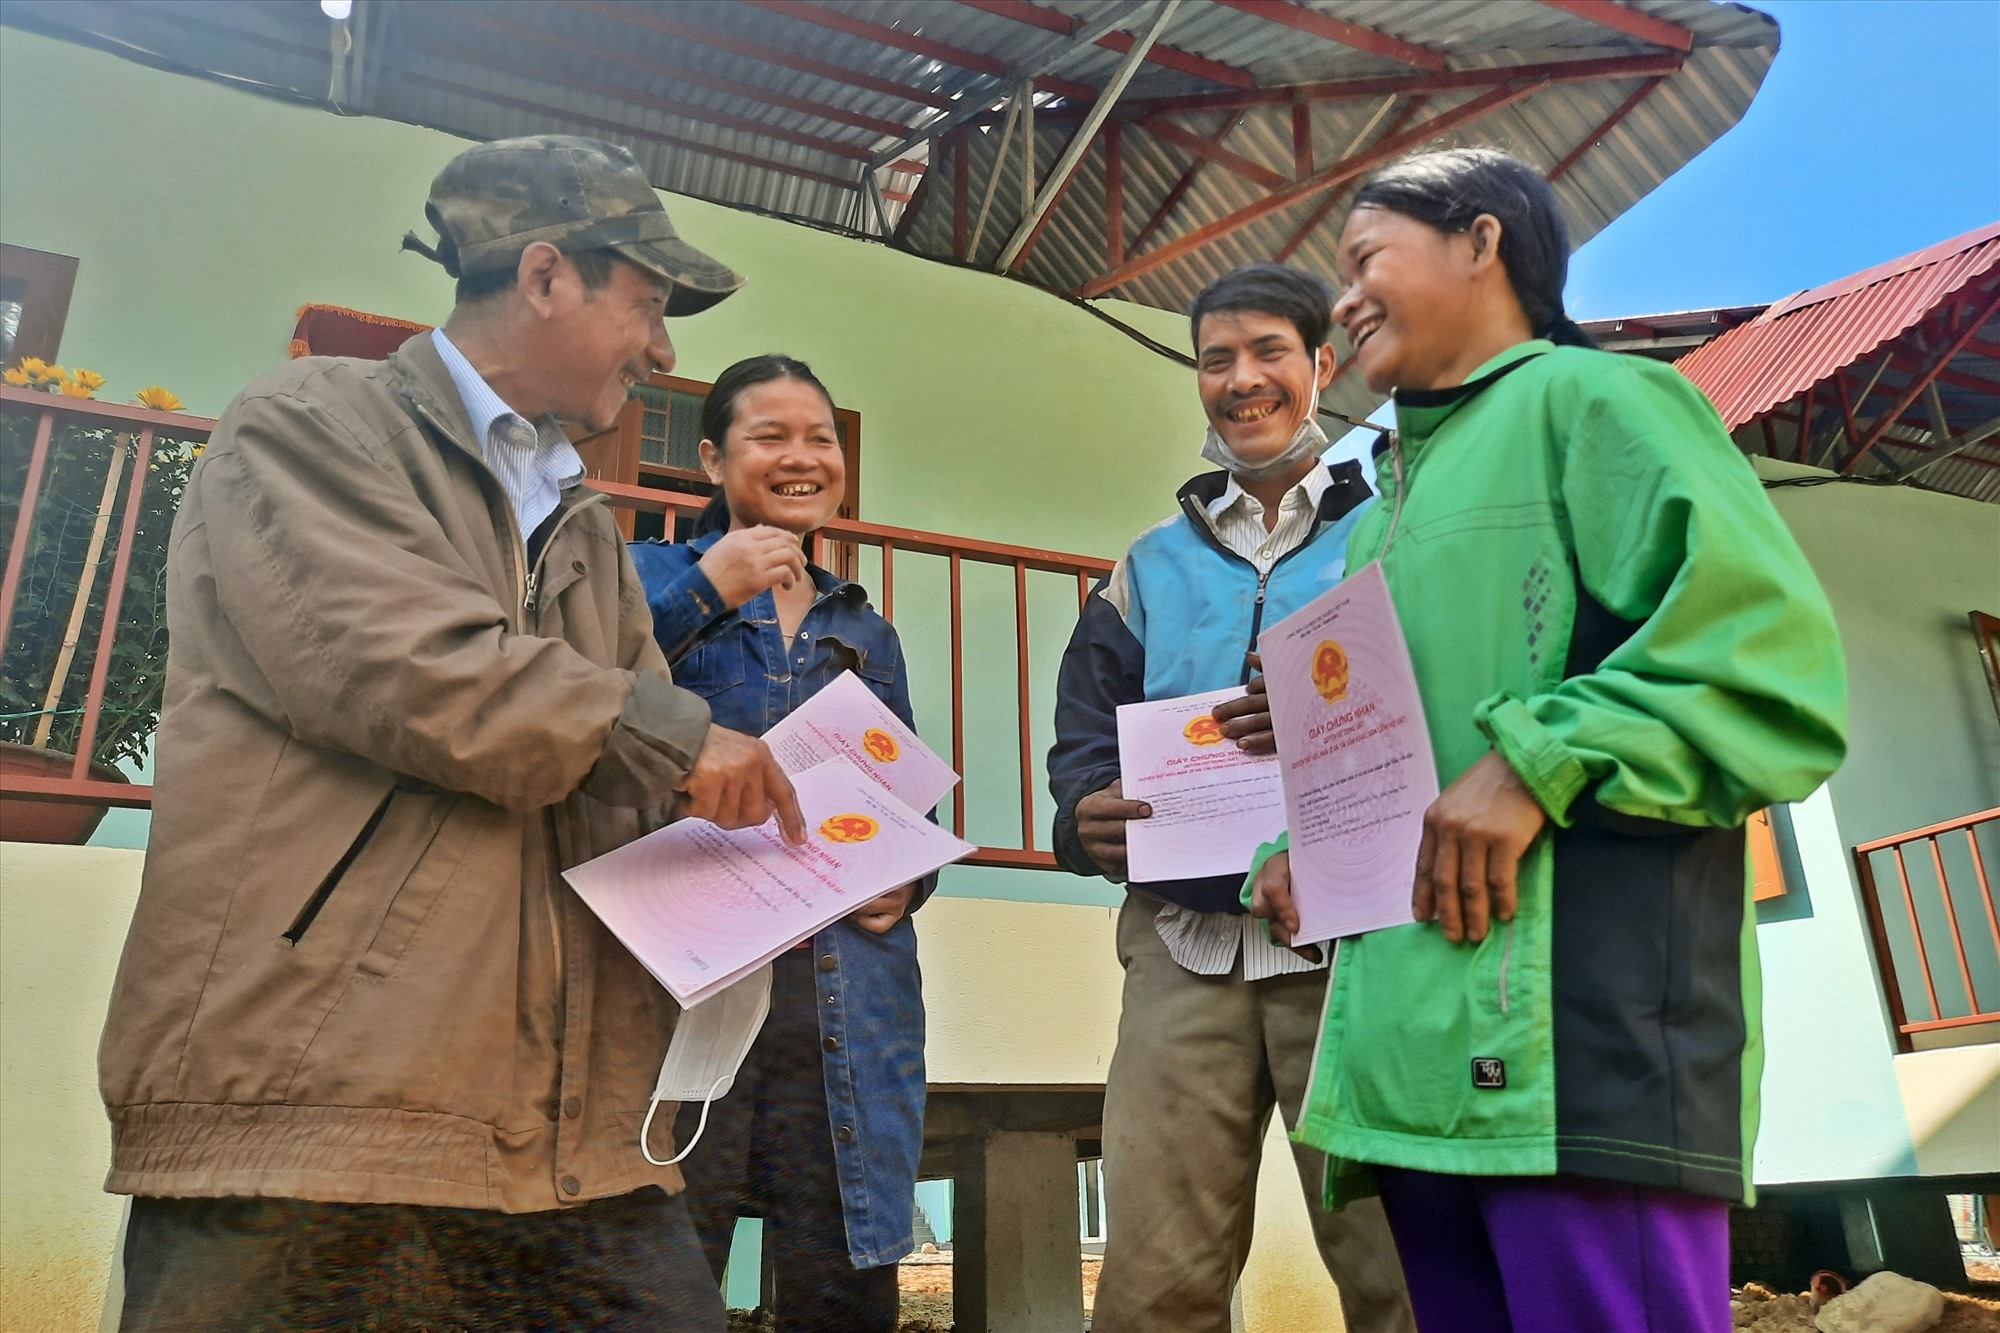 Ông Hồ Văn Quang (thứ 2 từ phải sang) cùng bà con vui mừng khi được có nhà mới. Ảnh: Đ.ĐẠO